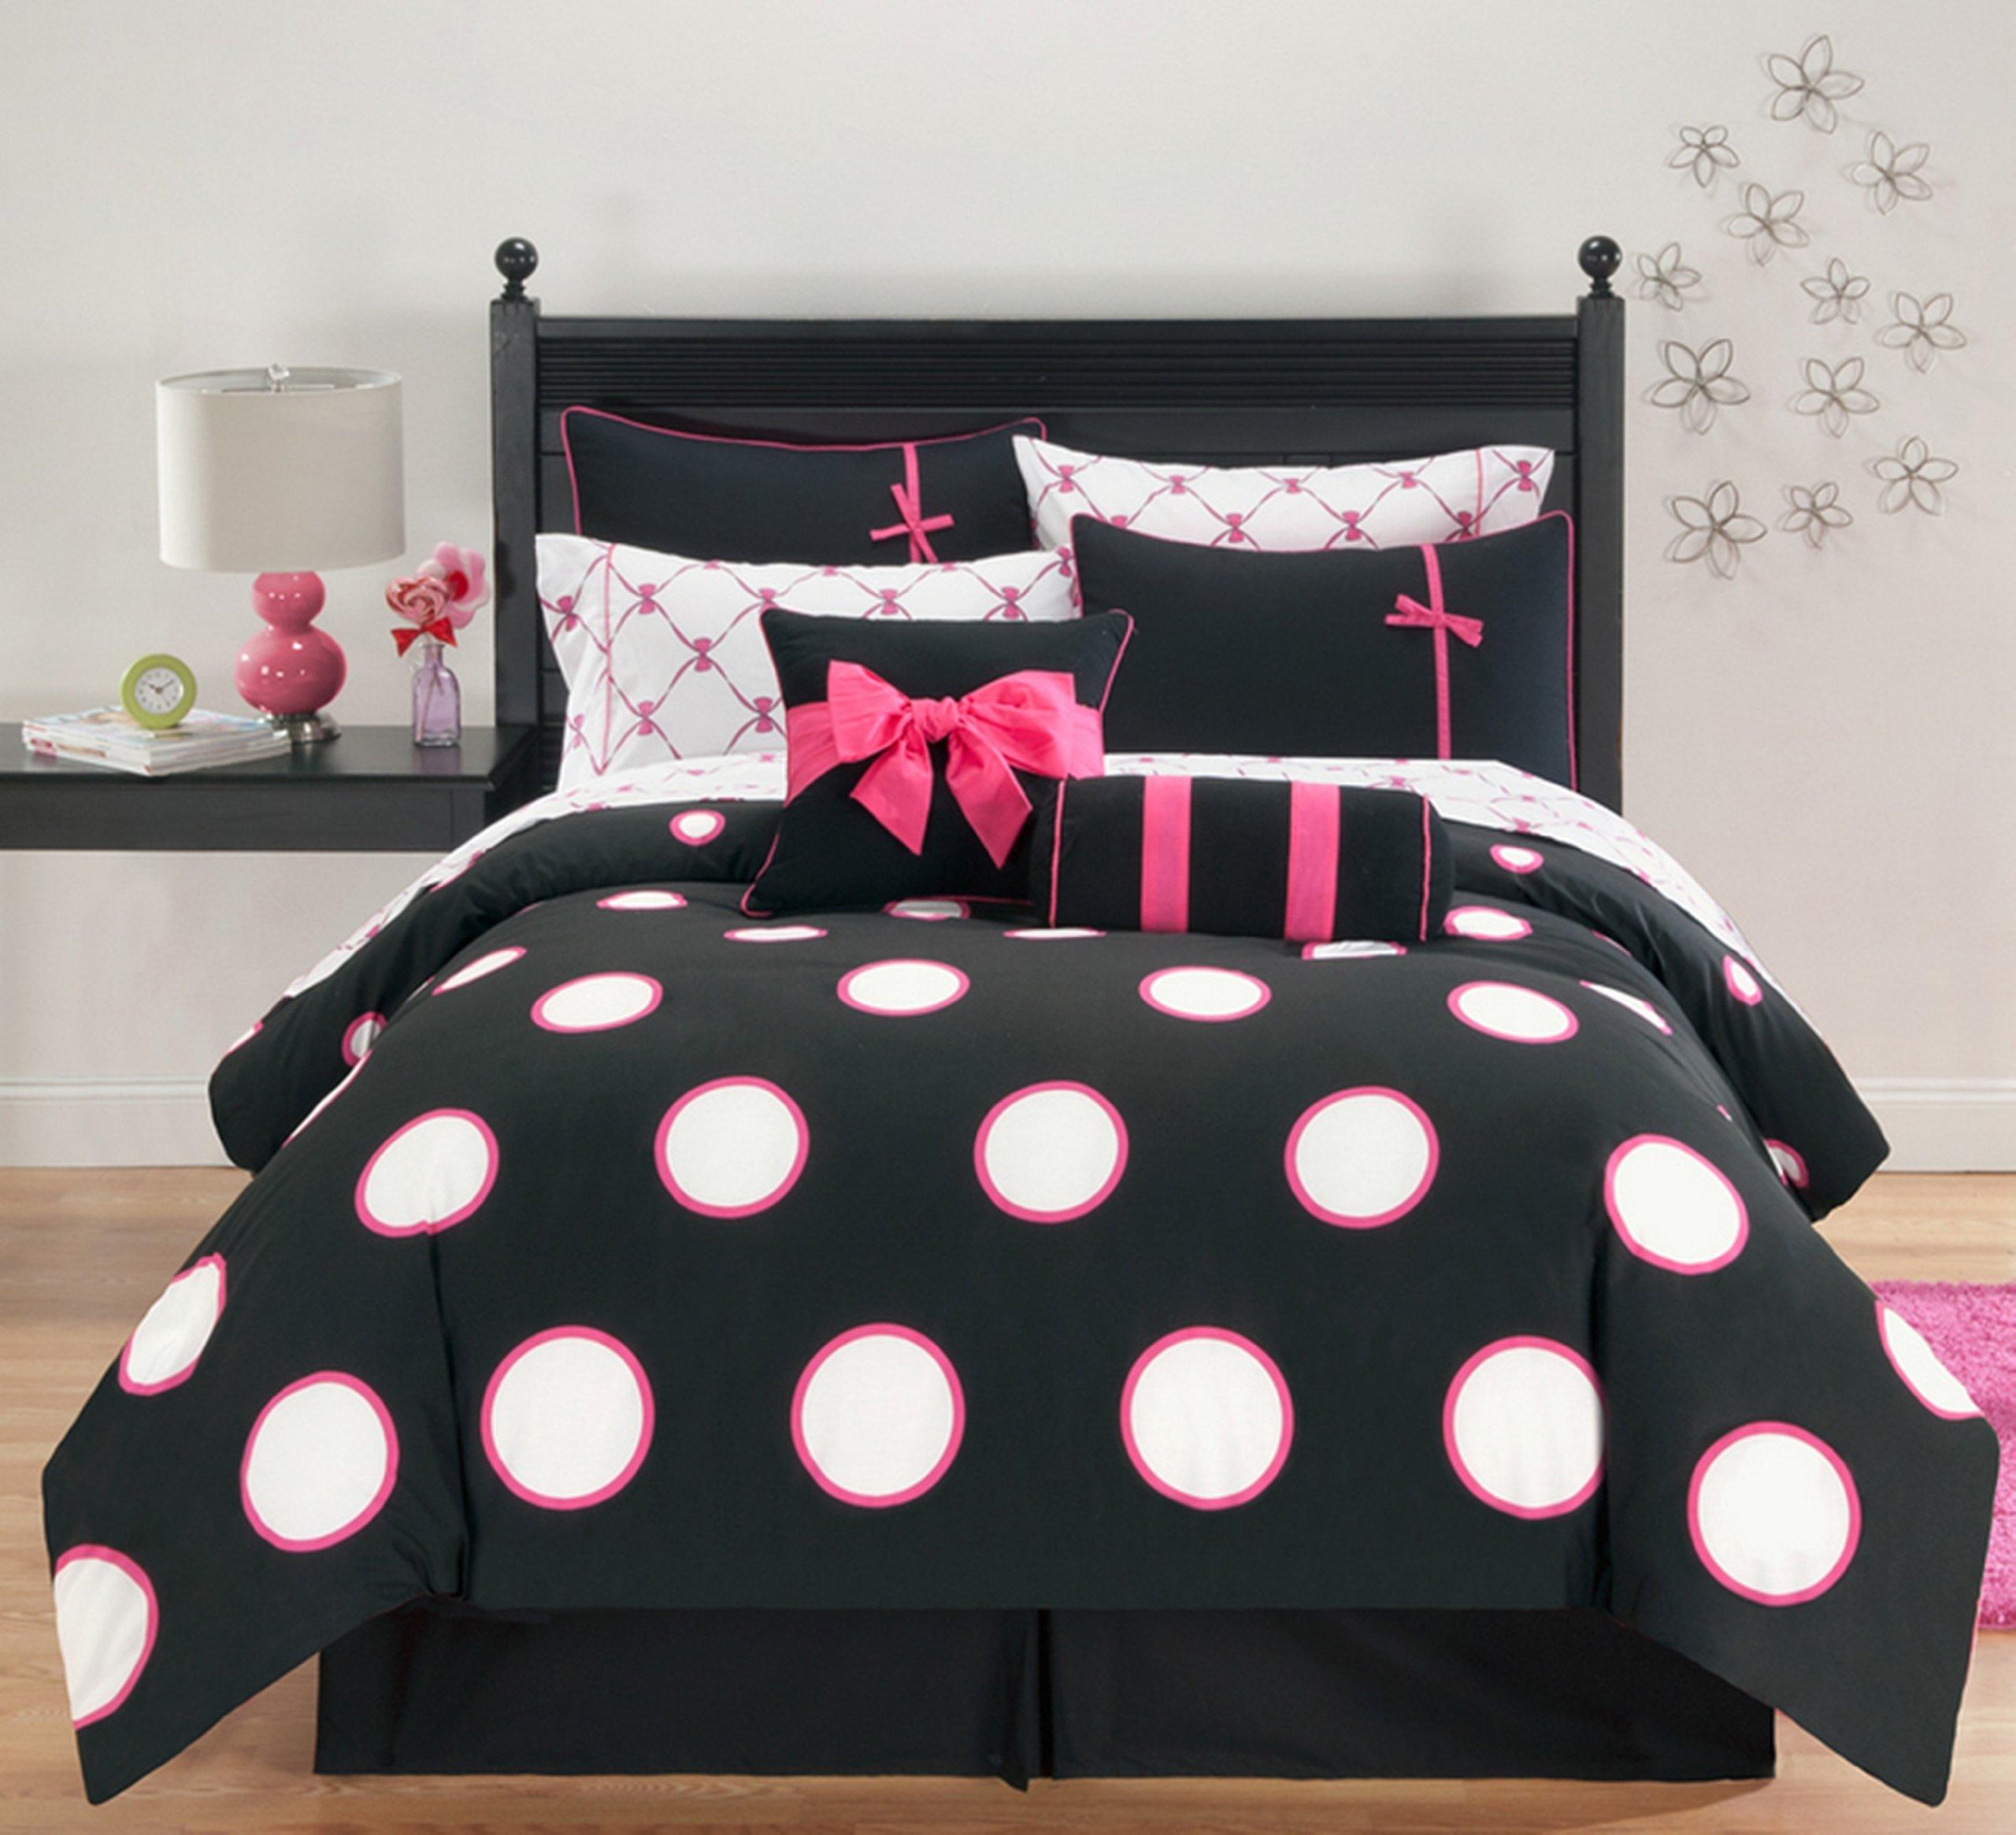 VCNY Home Sophie Polka Dot 10 Piece Bed-in-a-Bag Comforter Set, Full, Black/Pink